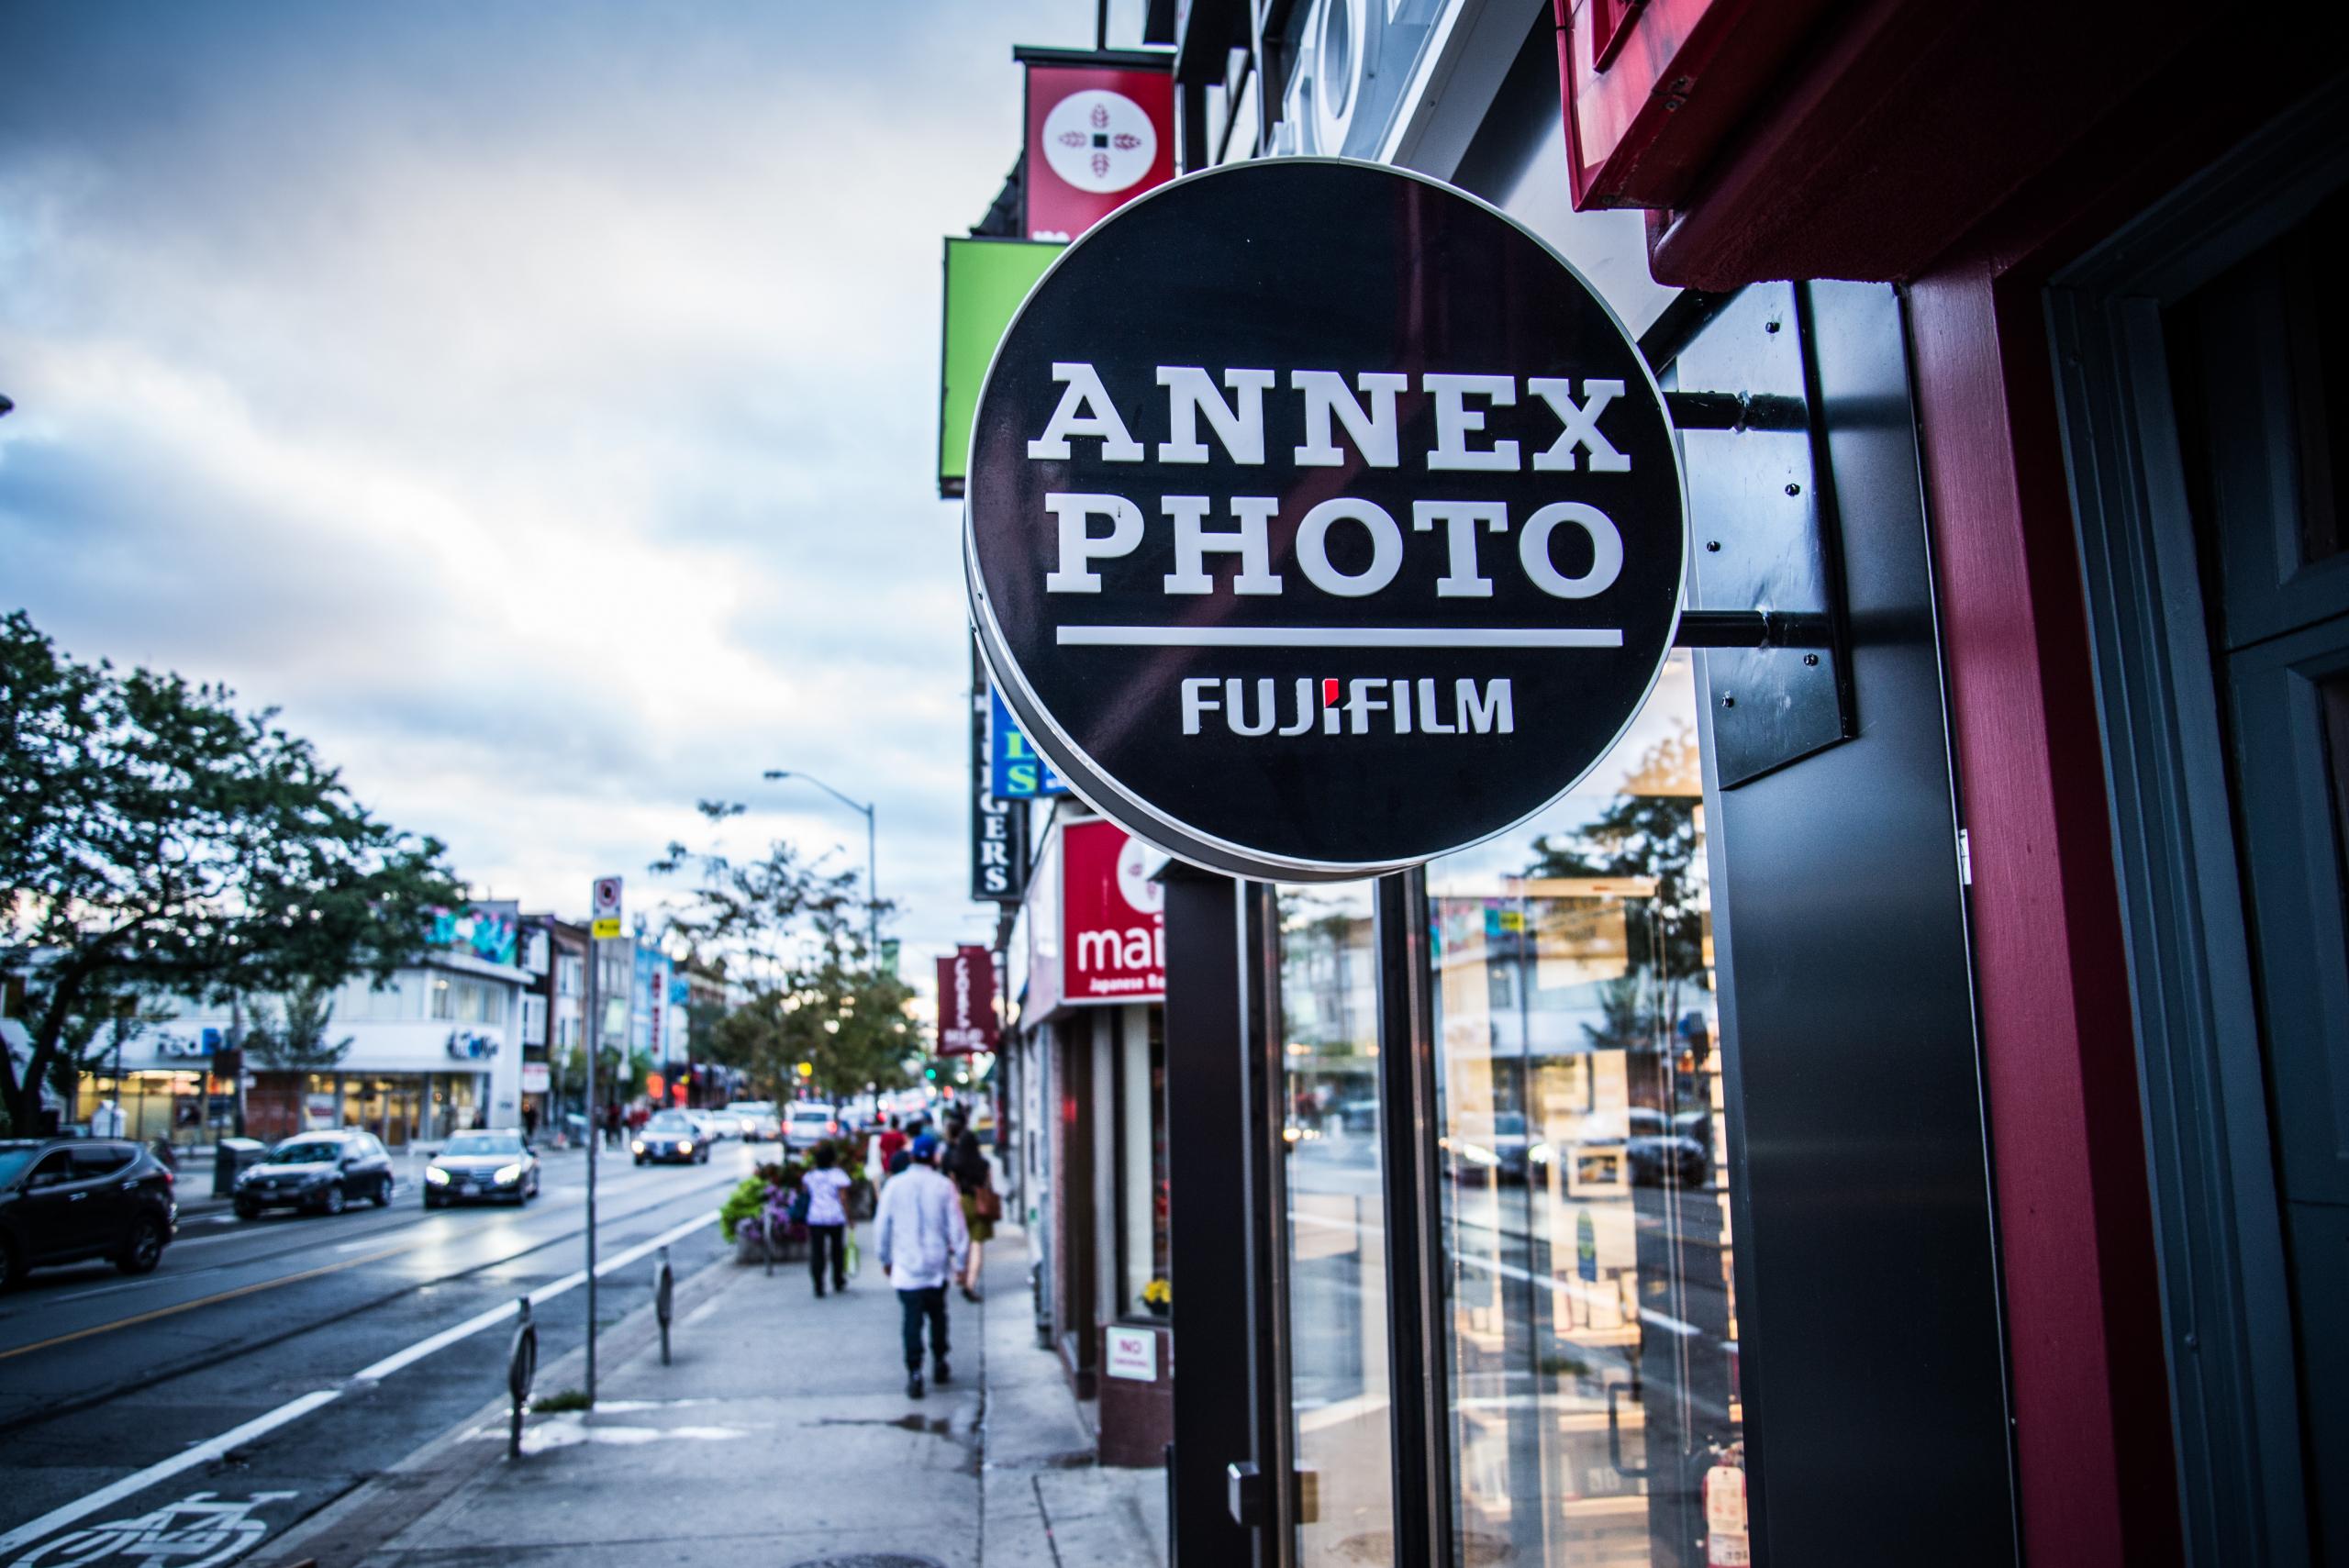 Annex Photo